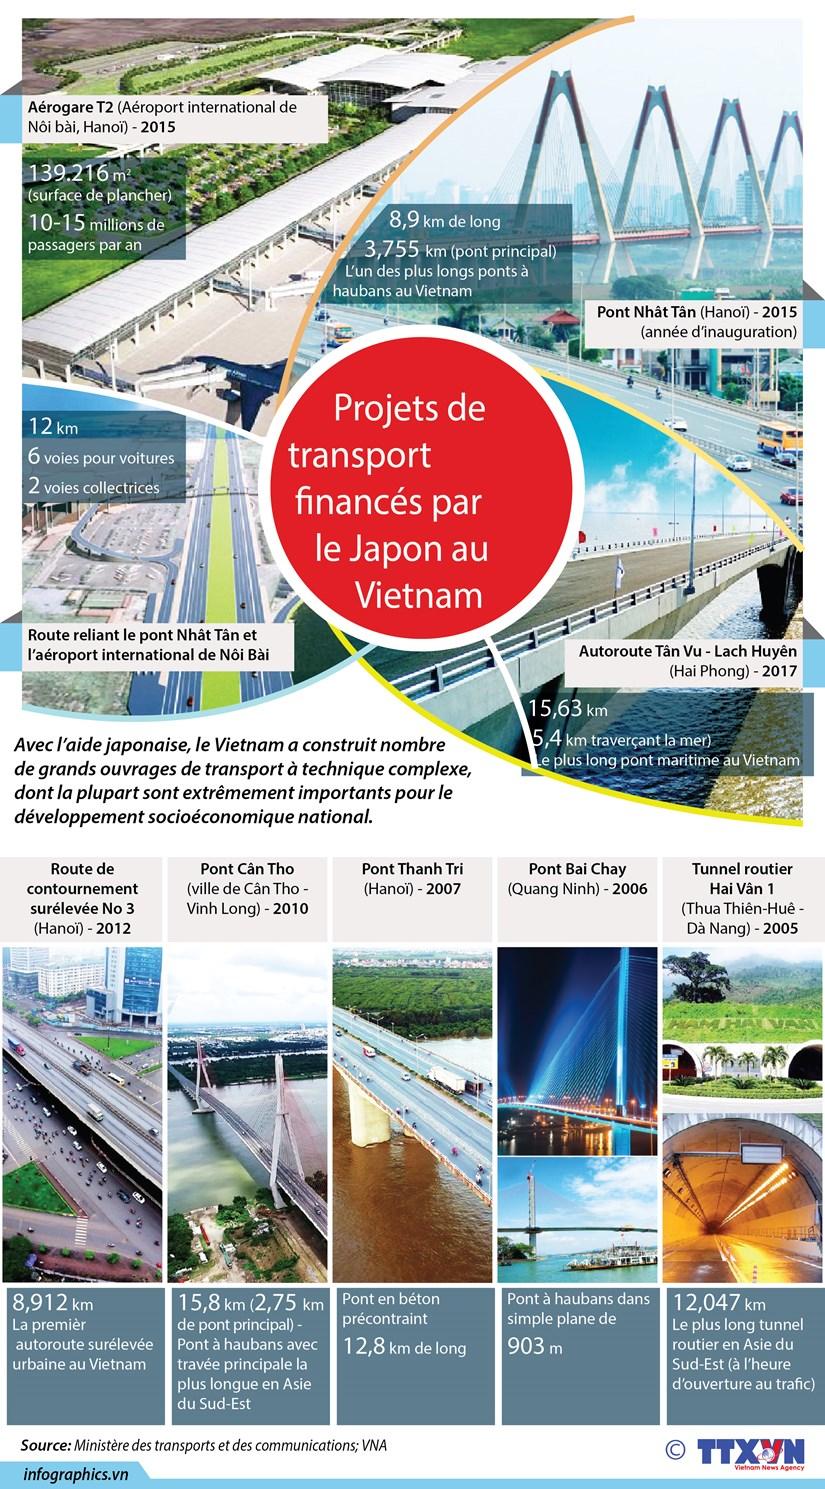 [Infographie] Projets de transport finances par le Japon au Vietnam hinh anh 1